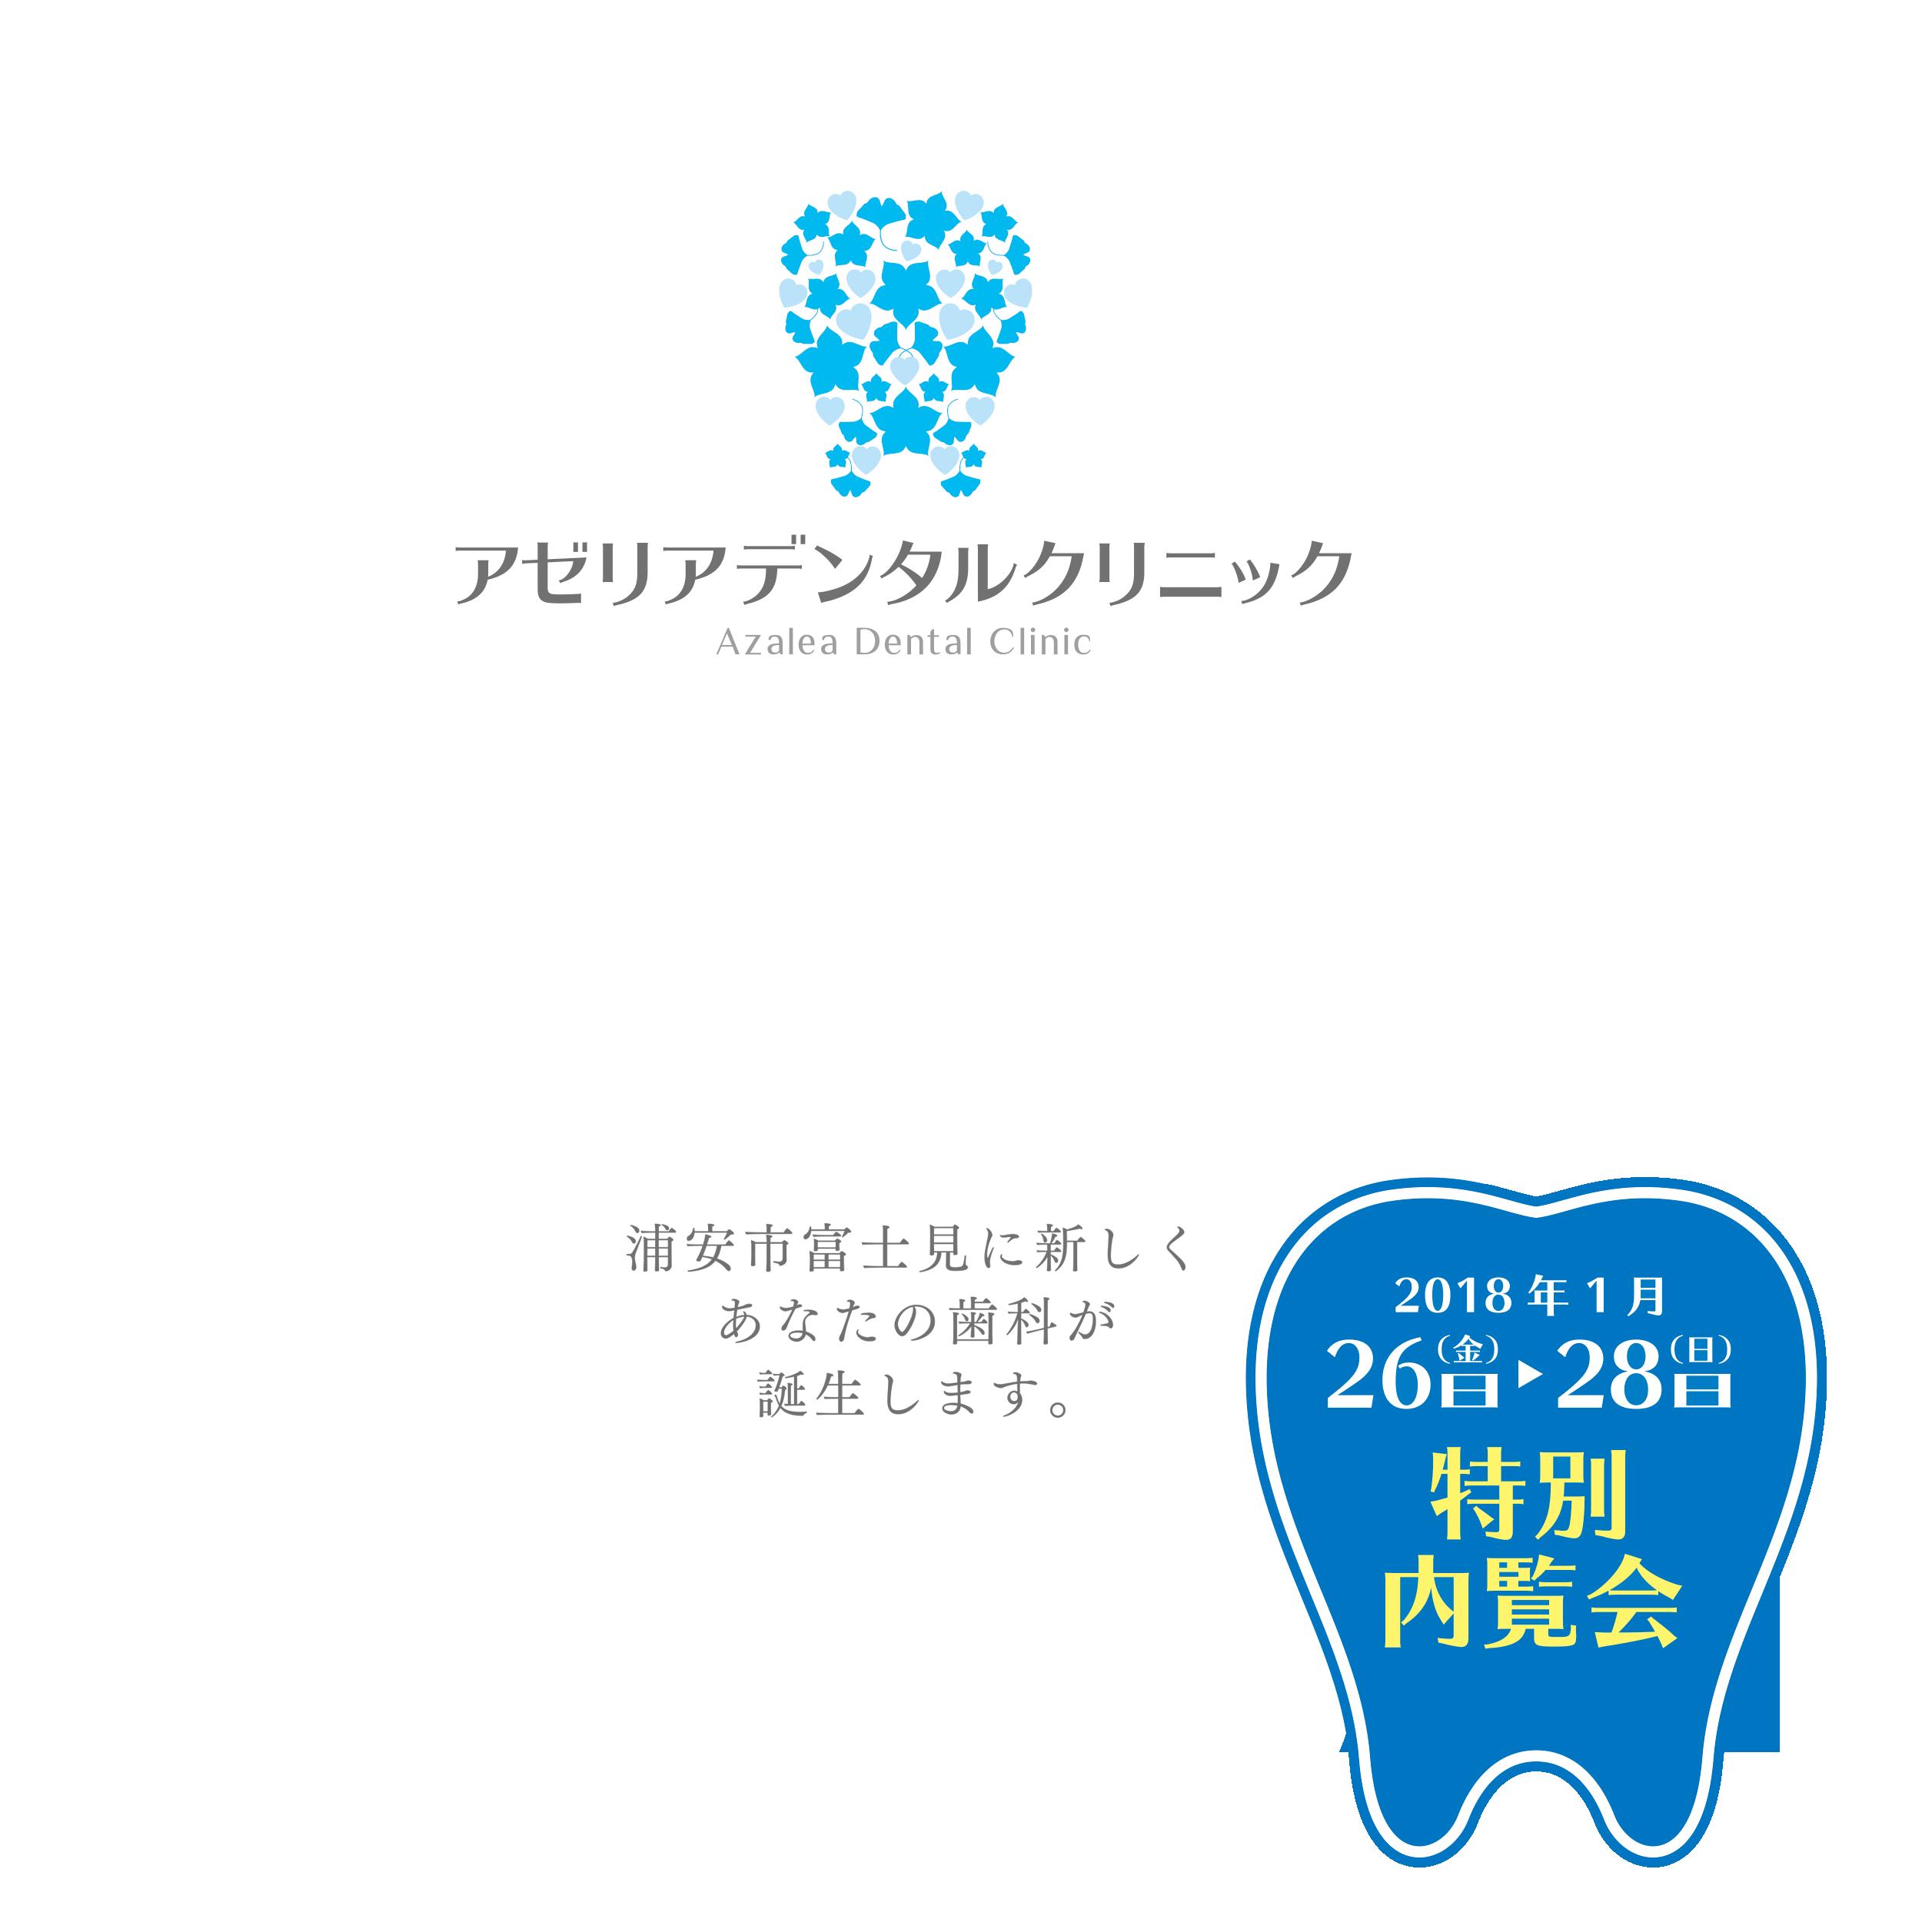 アゼリアデンタルクリニック,Azalea Dental Clinic,2018.2.START,Hello! URAYASU,浦安市富士見に新しく あなたの歯科が 誕生します。